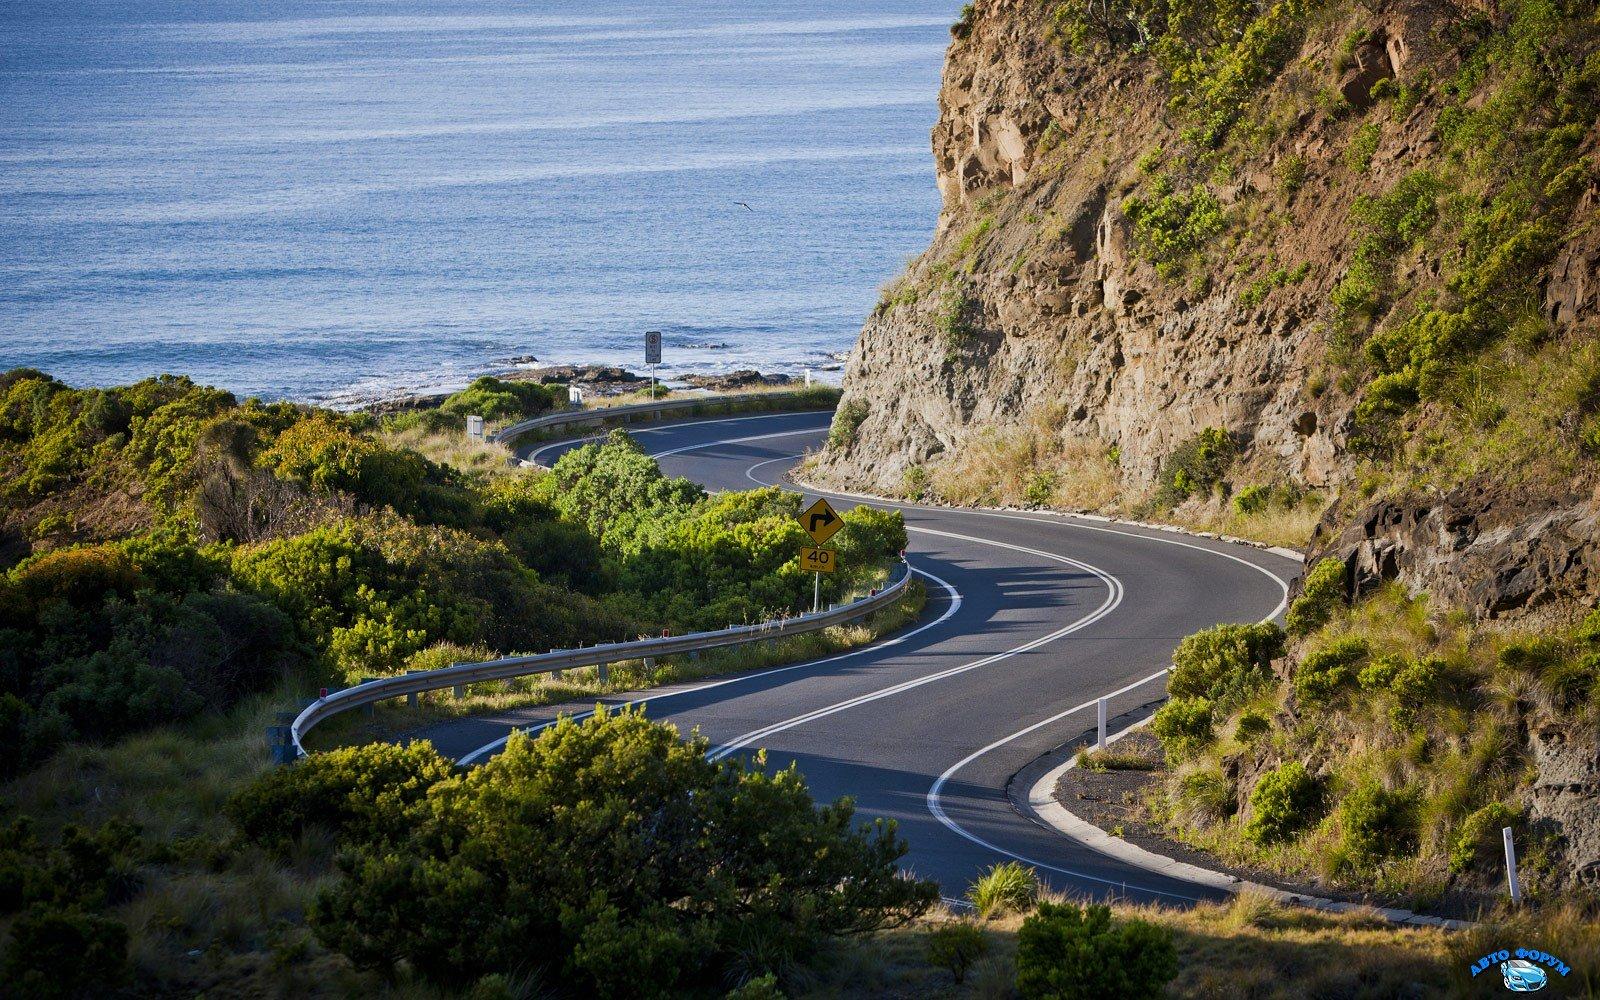 великая океанская дорога австралия.jpg